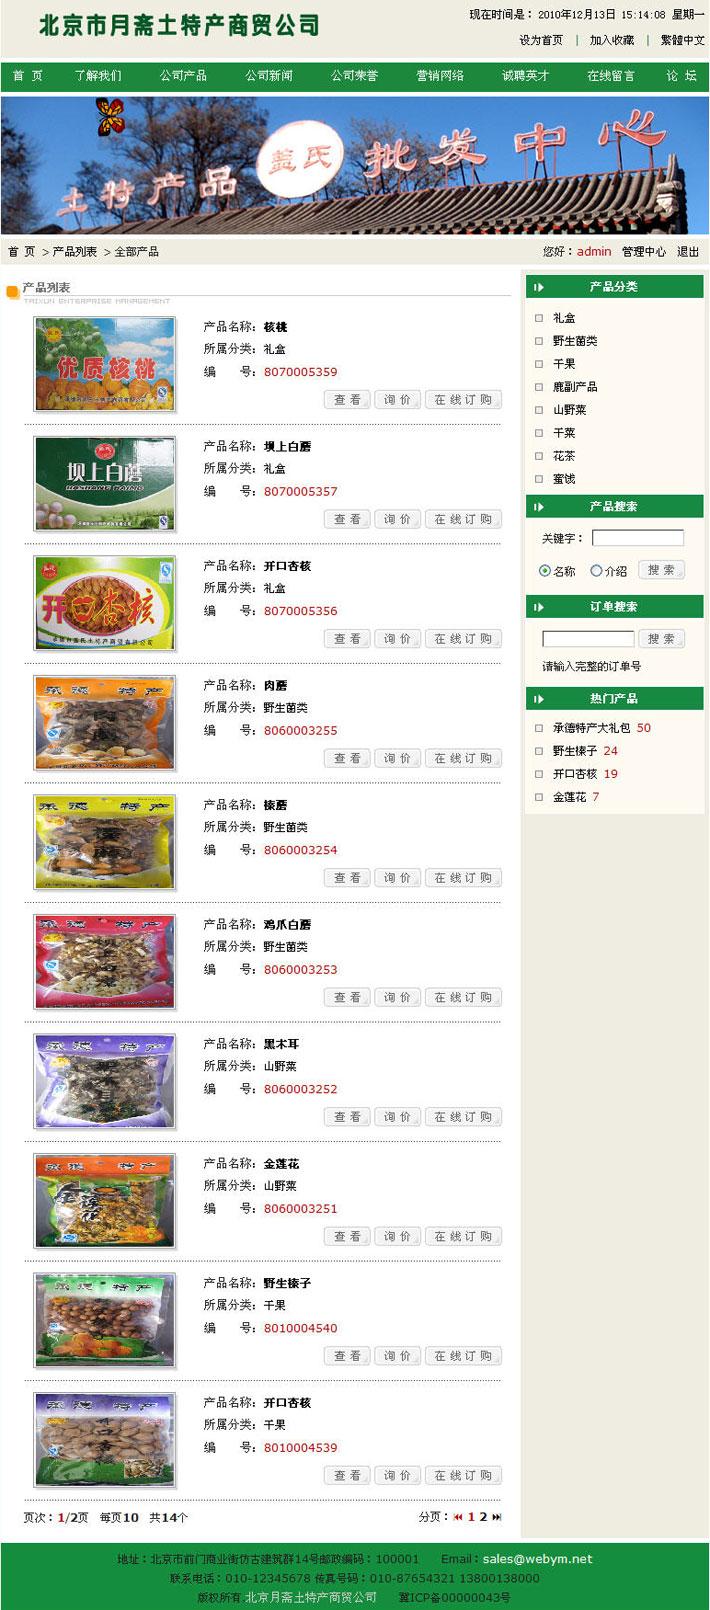 土特产品网站模板